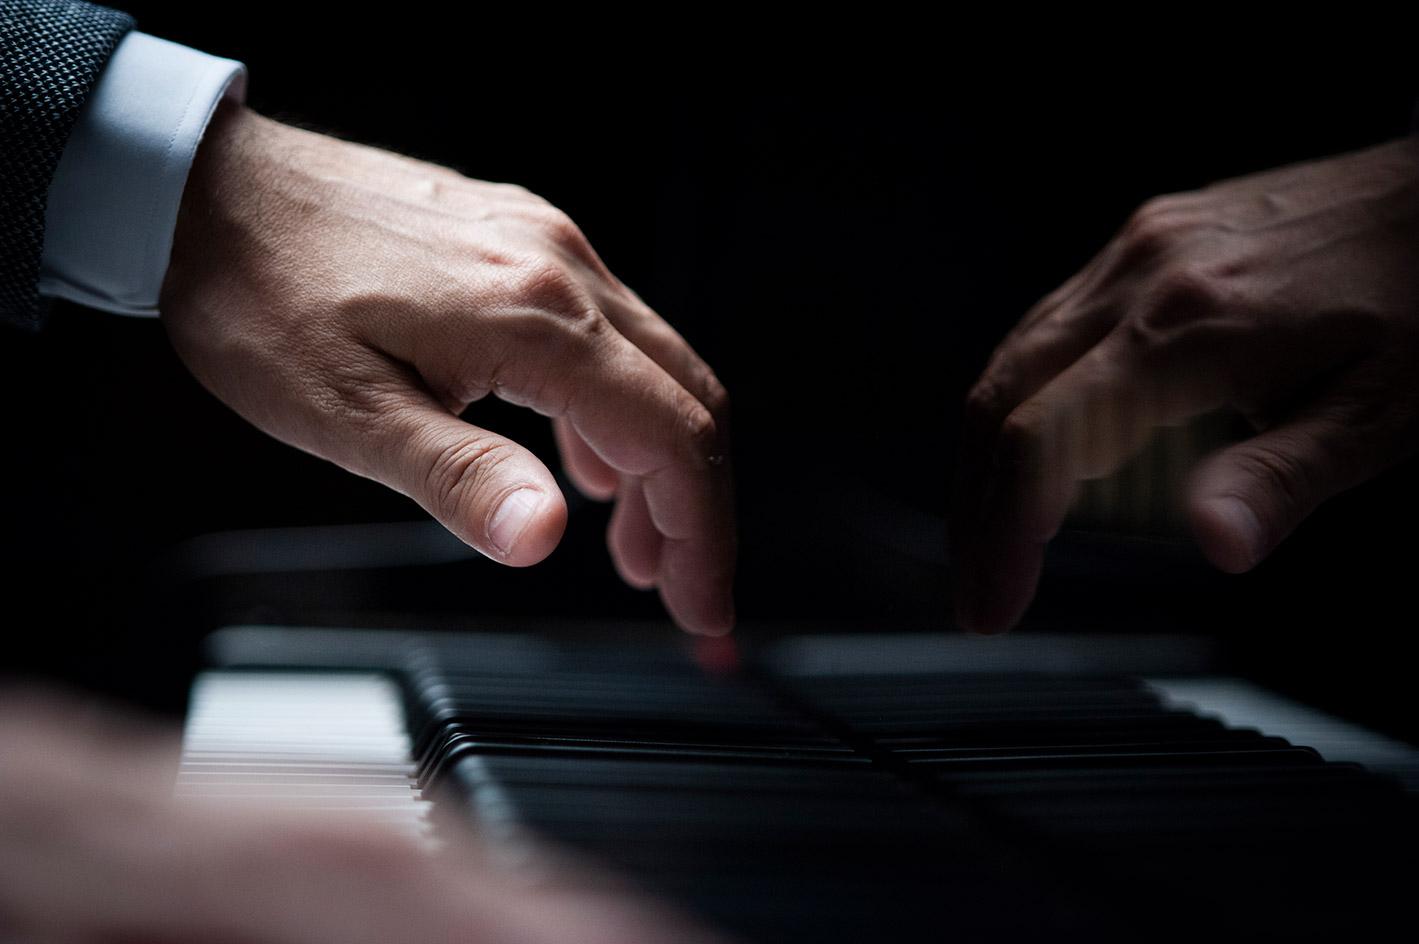 Fabio di Biase hands playing piano